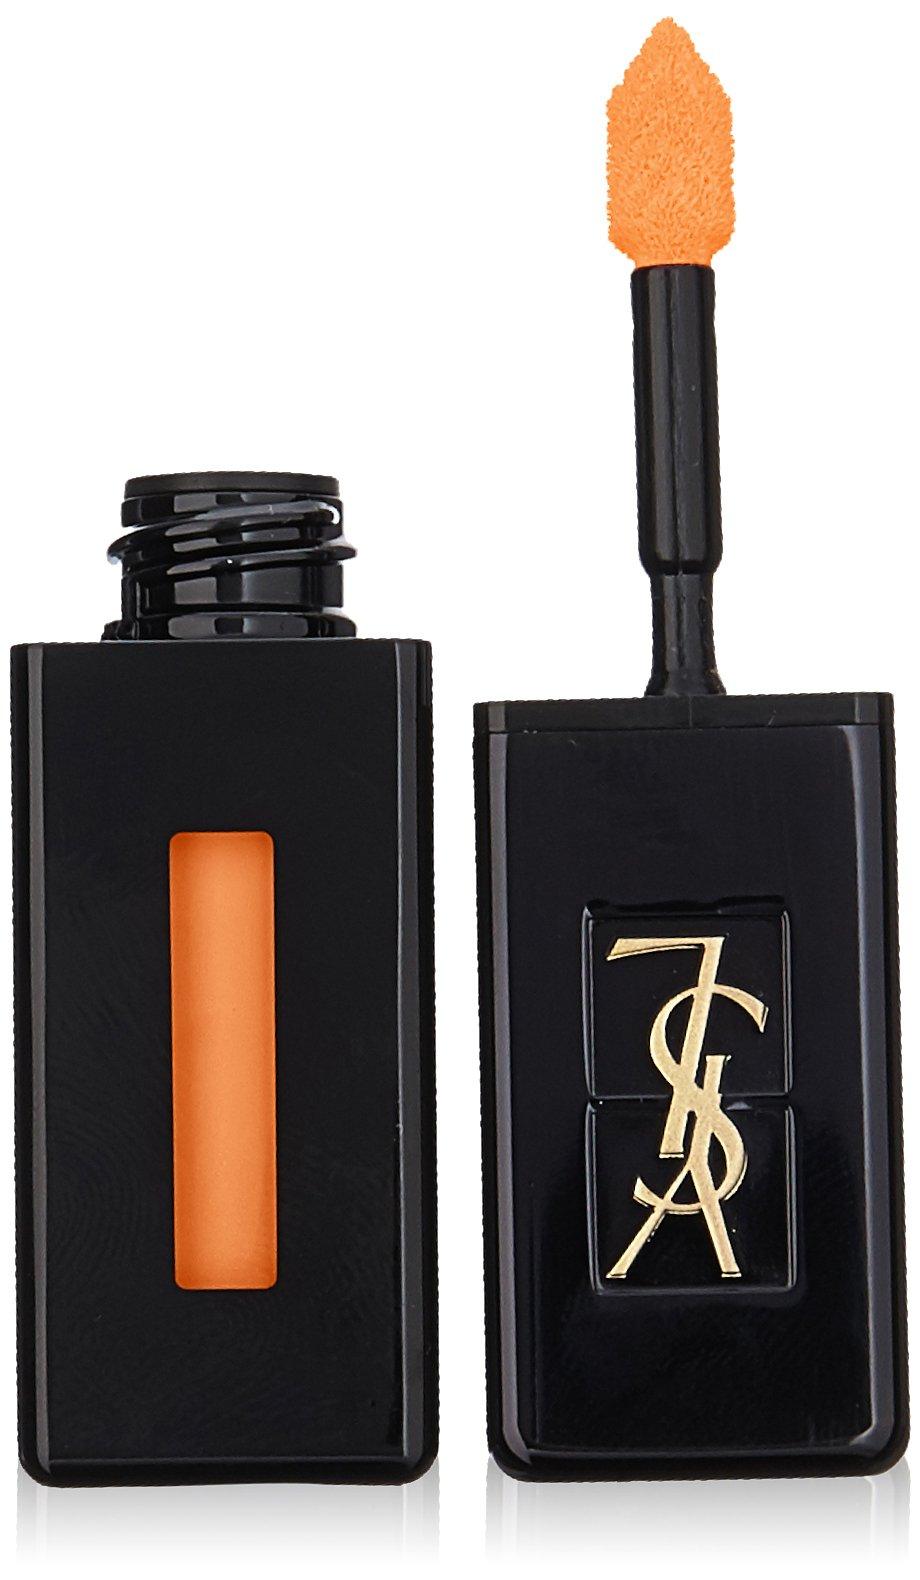 Yves Saint Laurent Vernis A Levres Vinyl Cream Lip Stain, 408 Corail Neo-pop, 0.18 Ounce